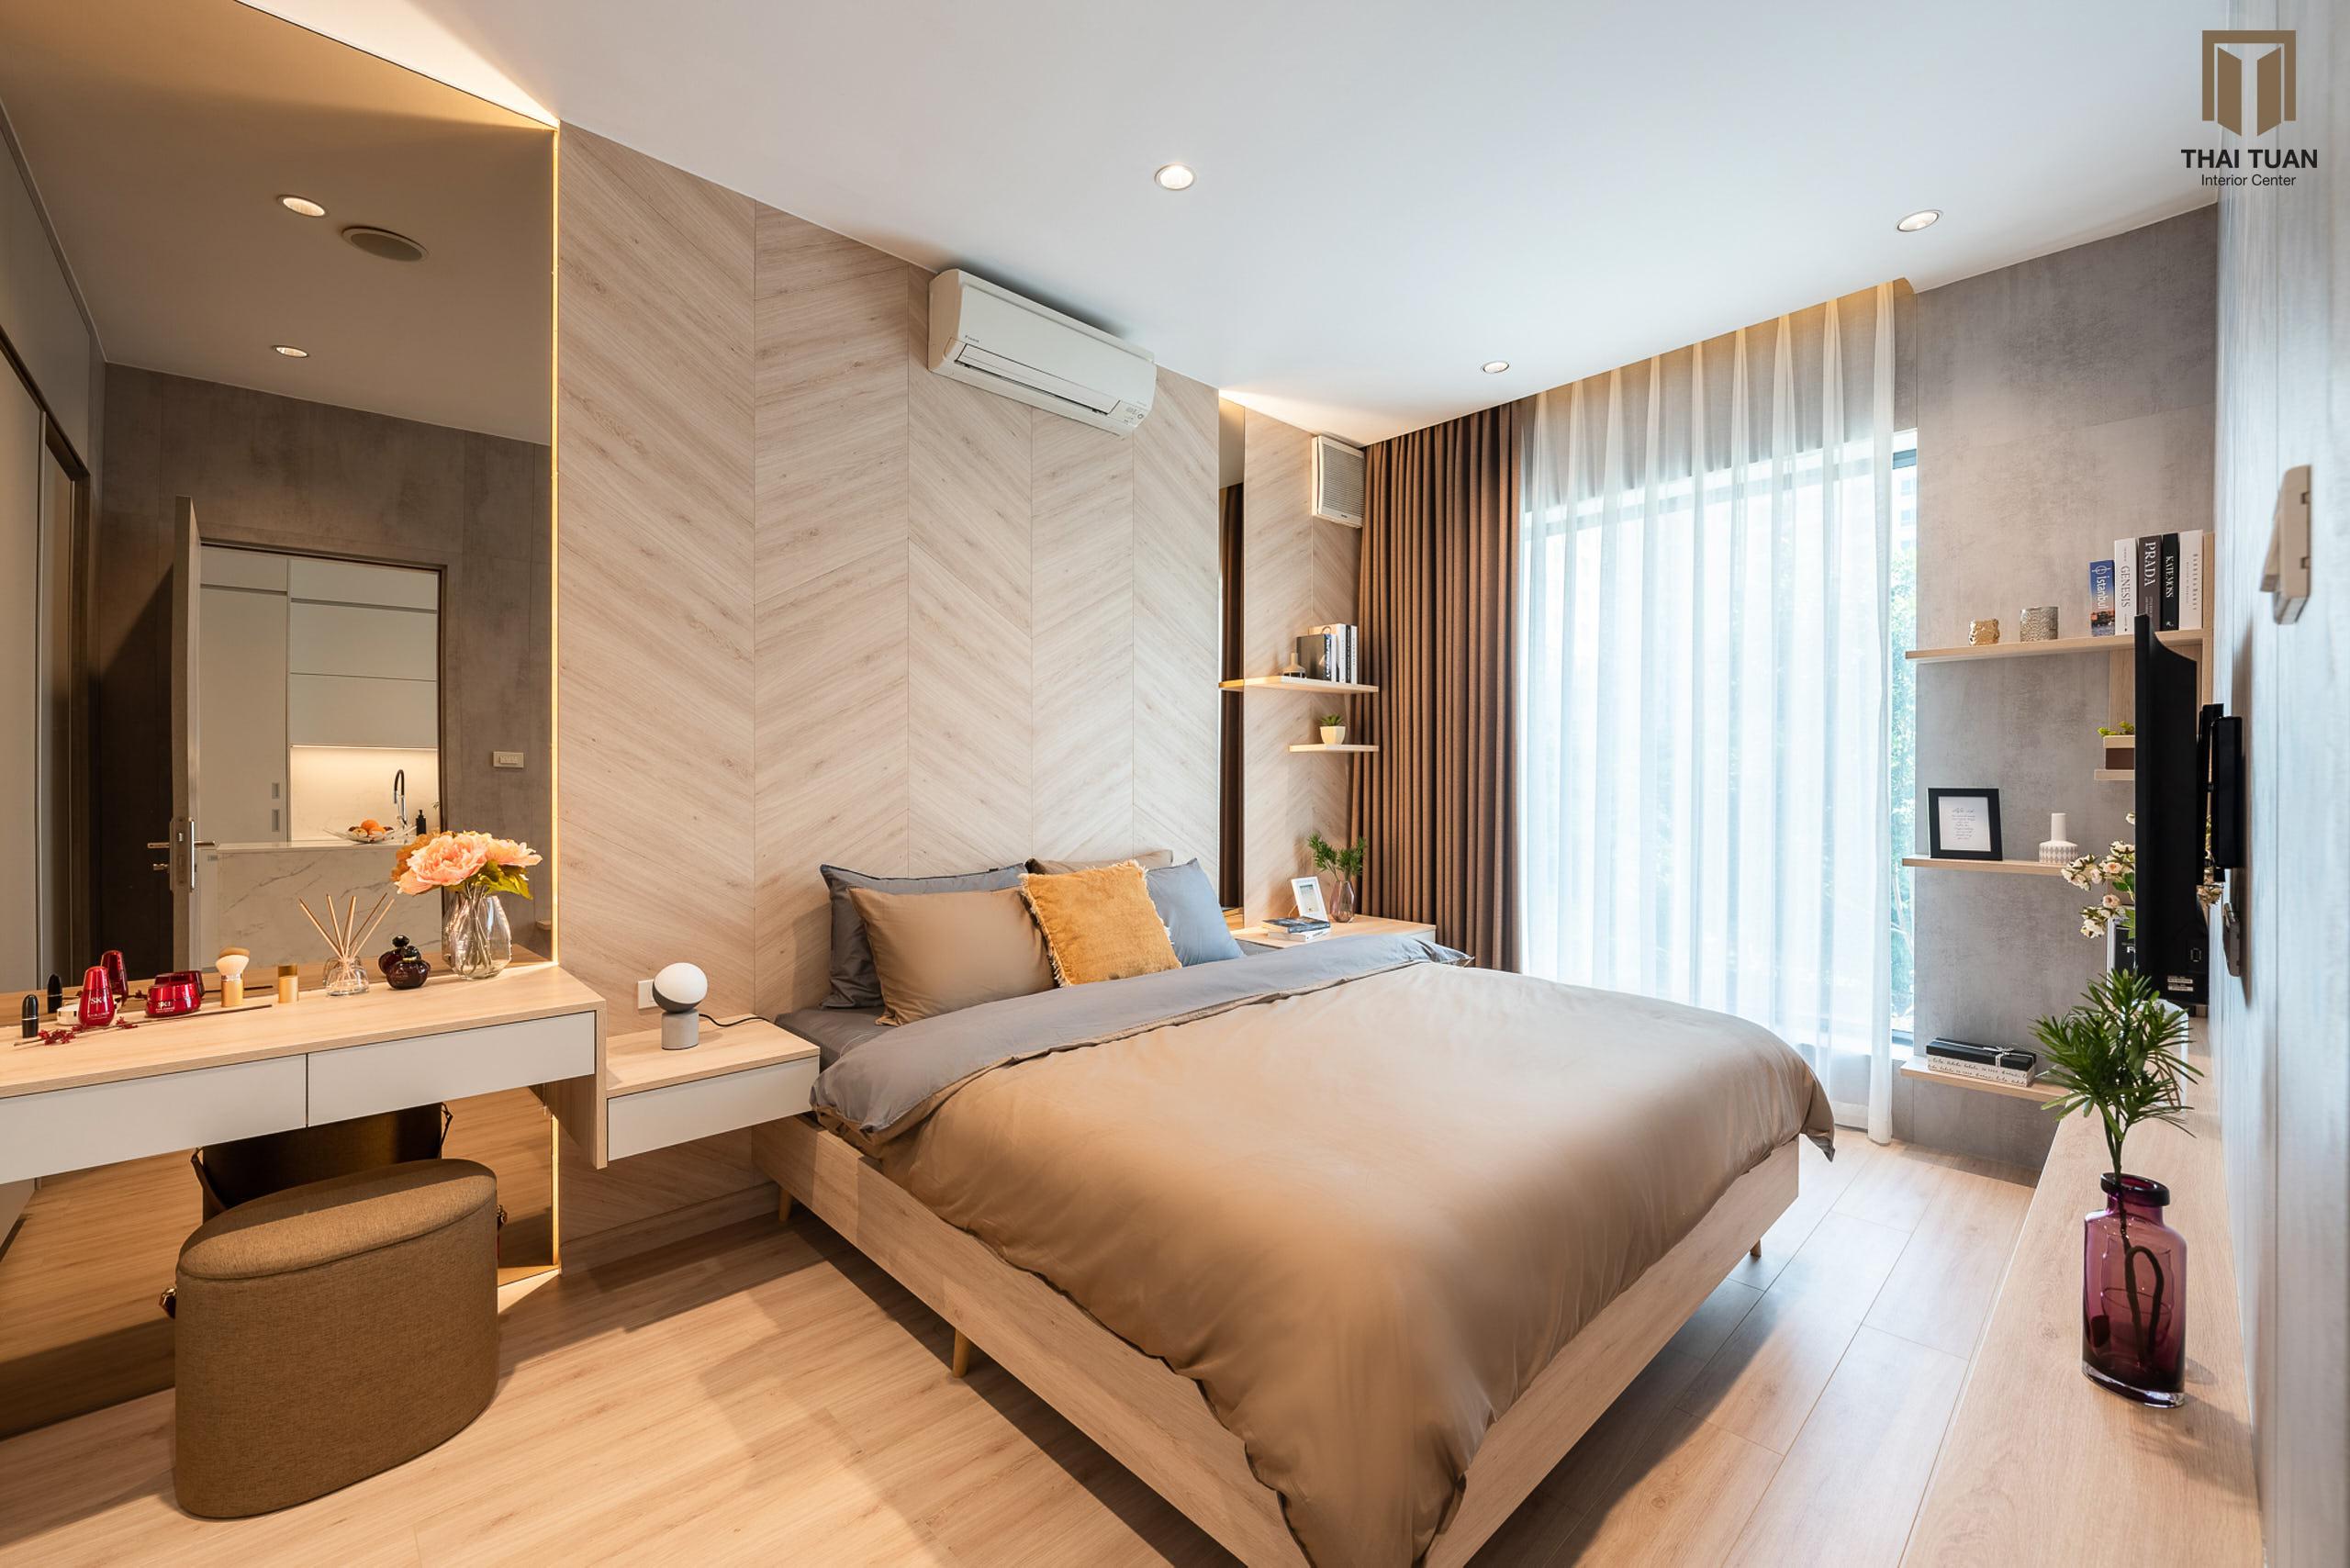 Phòng ngủ ấm cúng với vật liệu gỗ làm chủ đạo